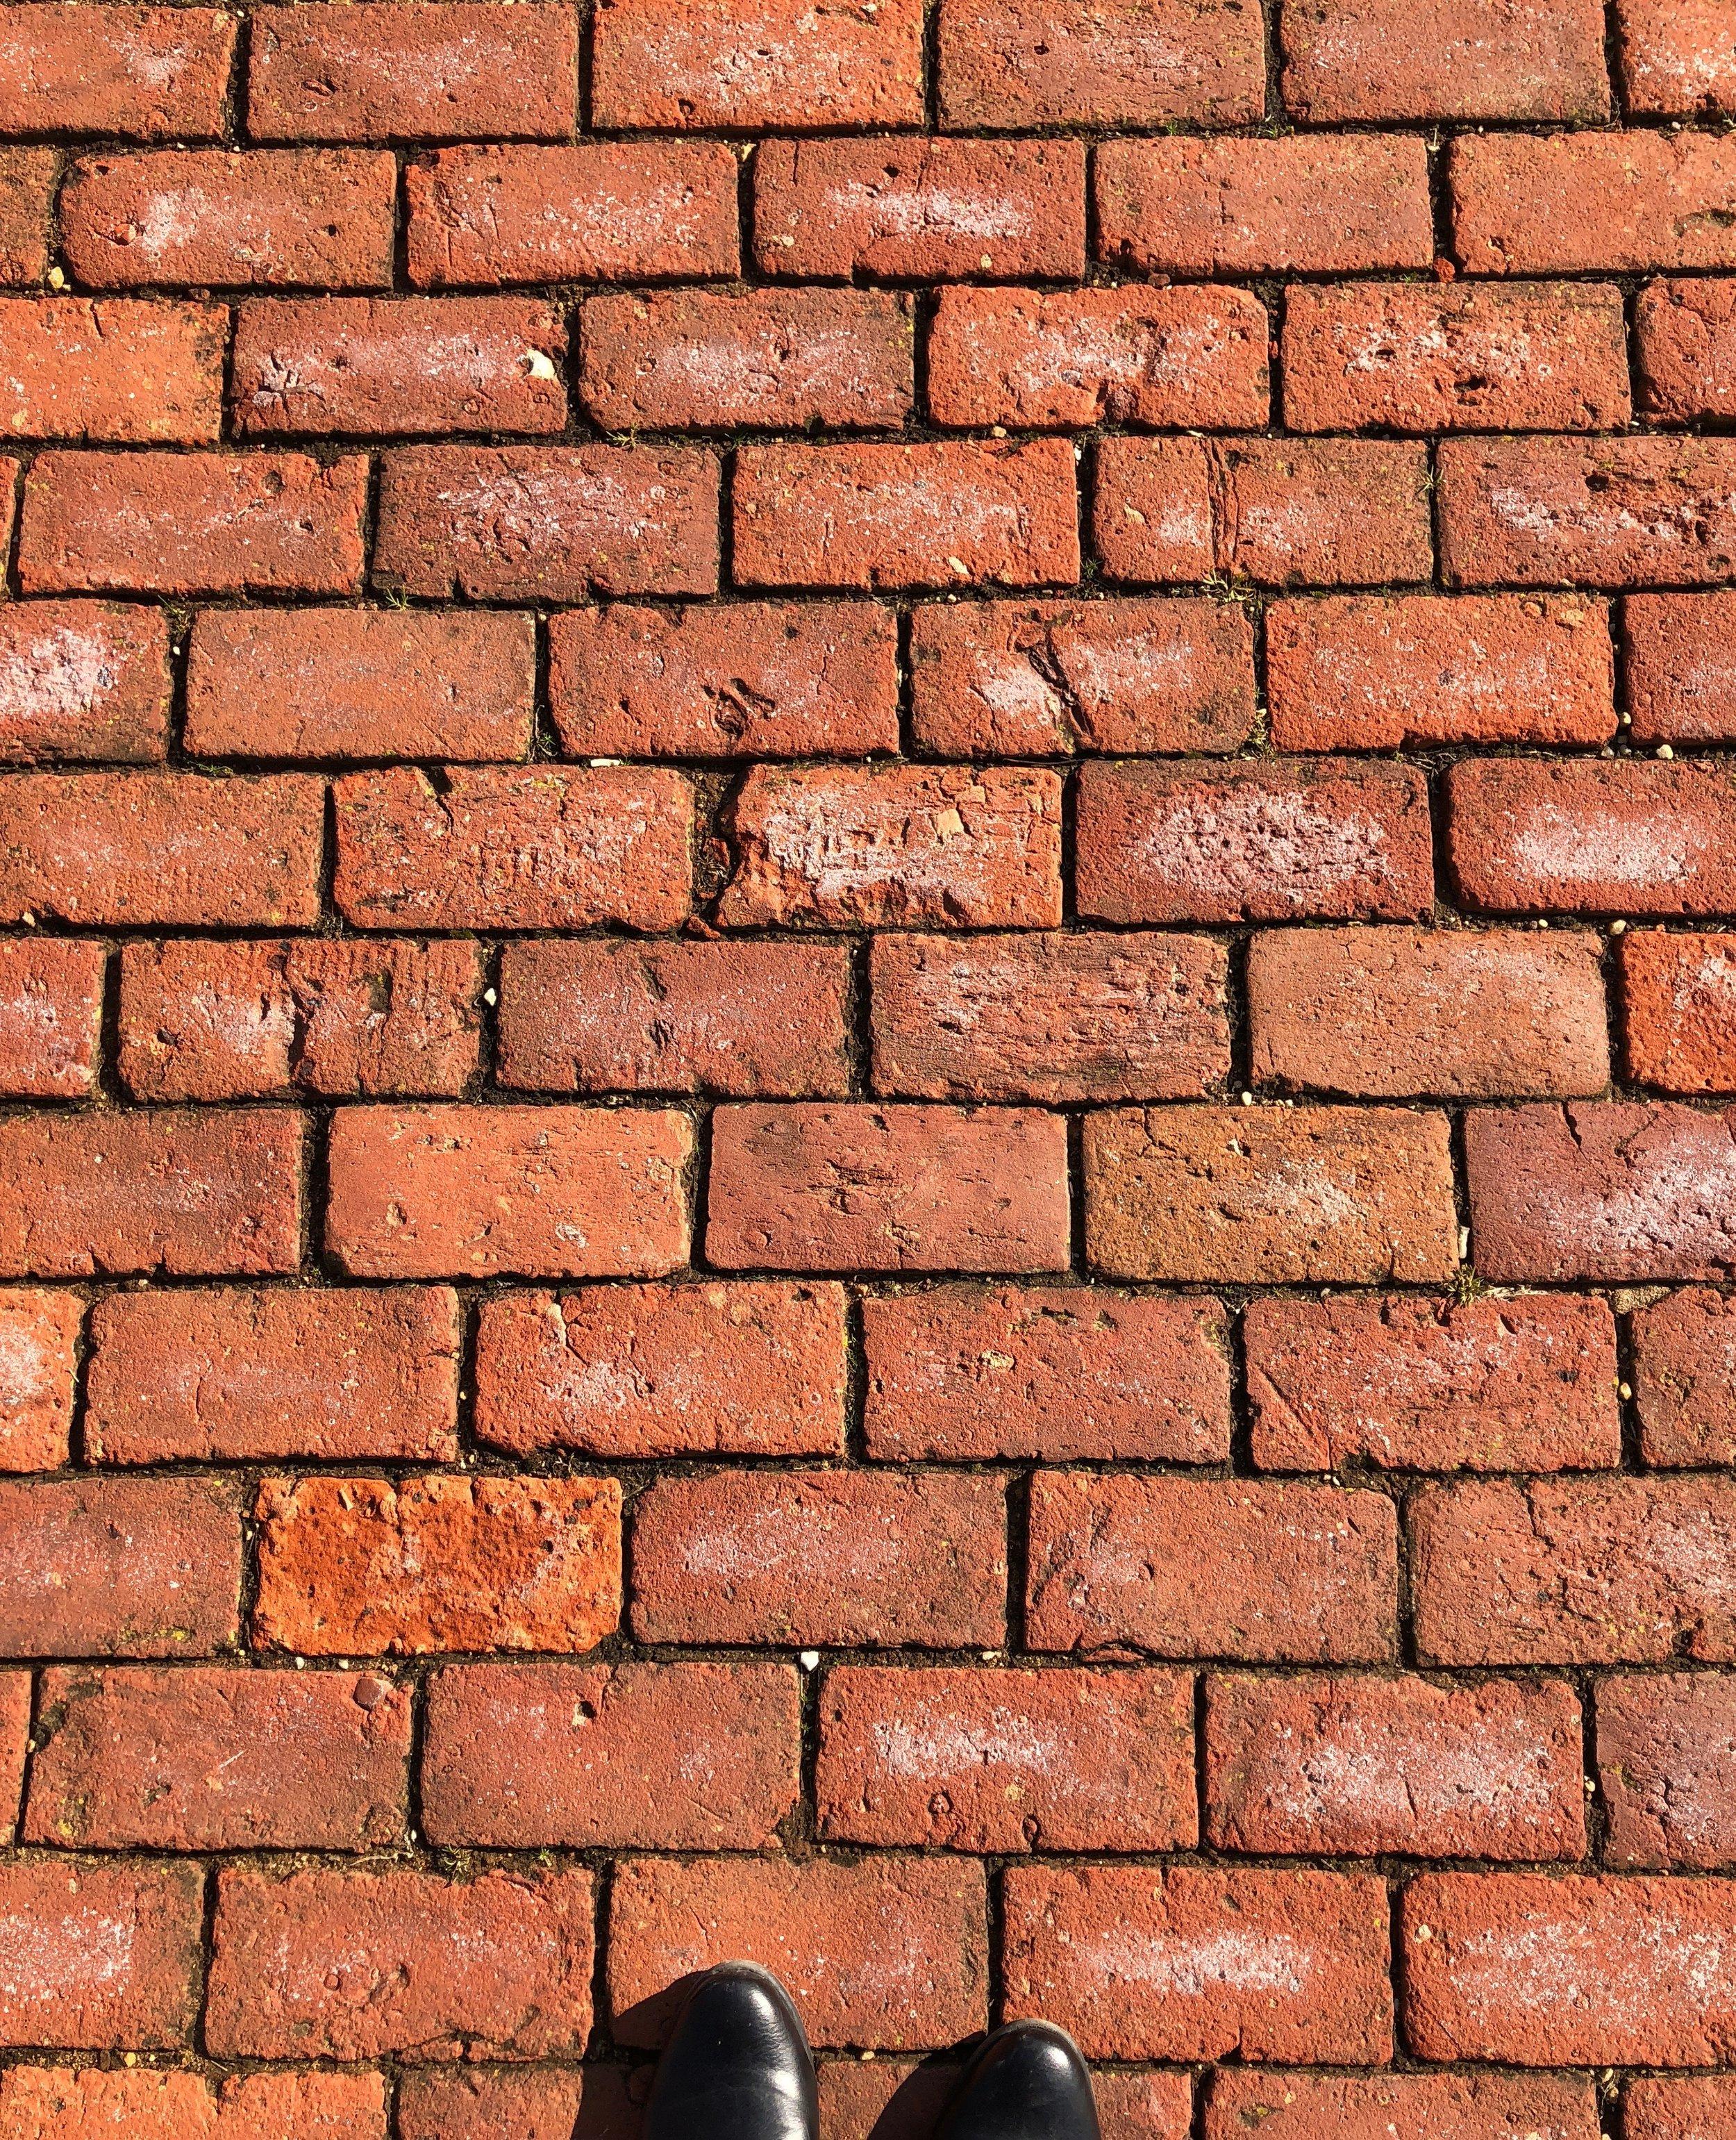 Brick pavers, Virginia